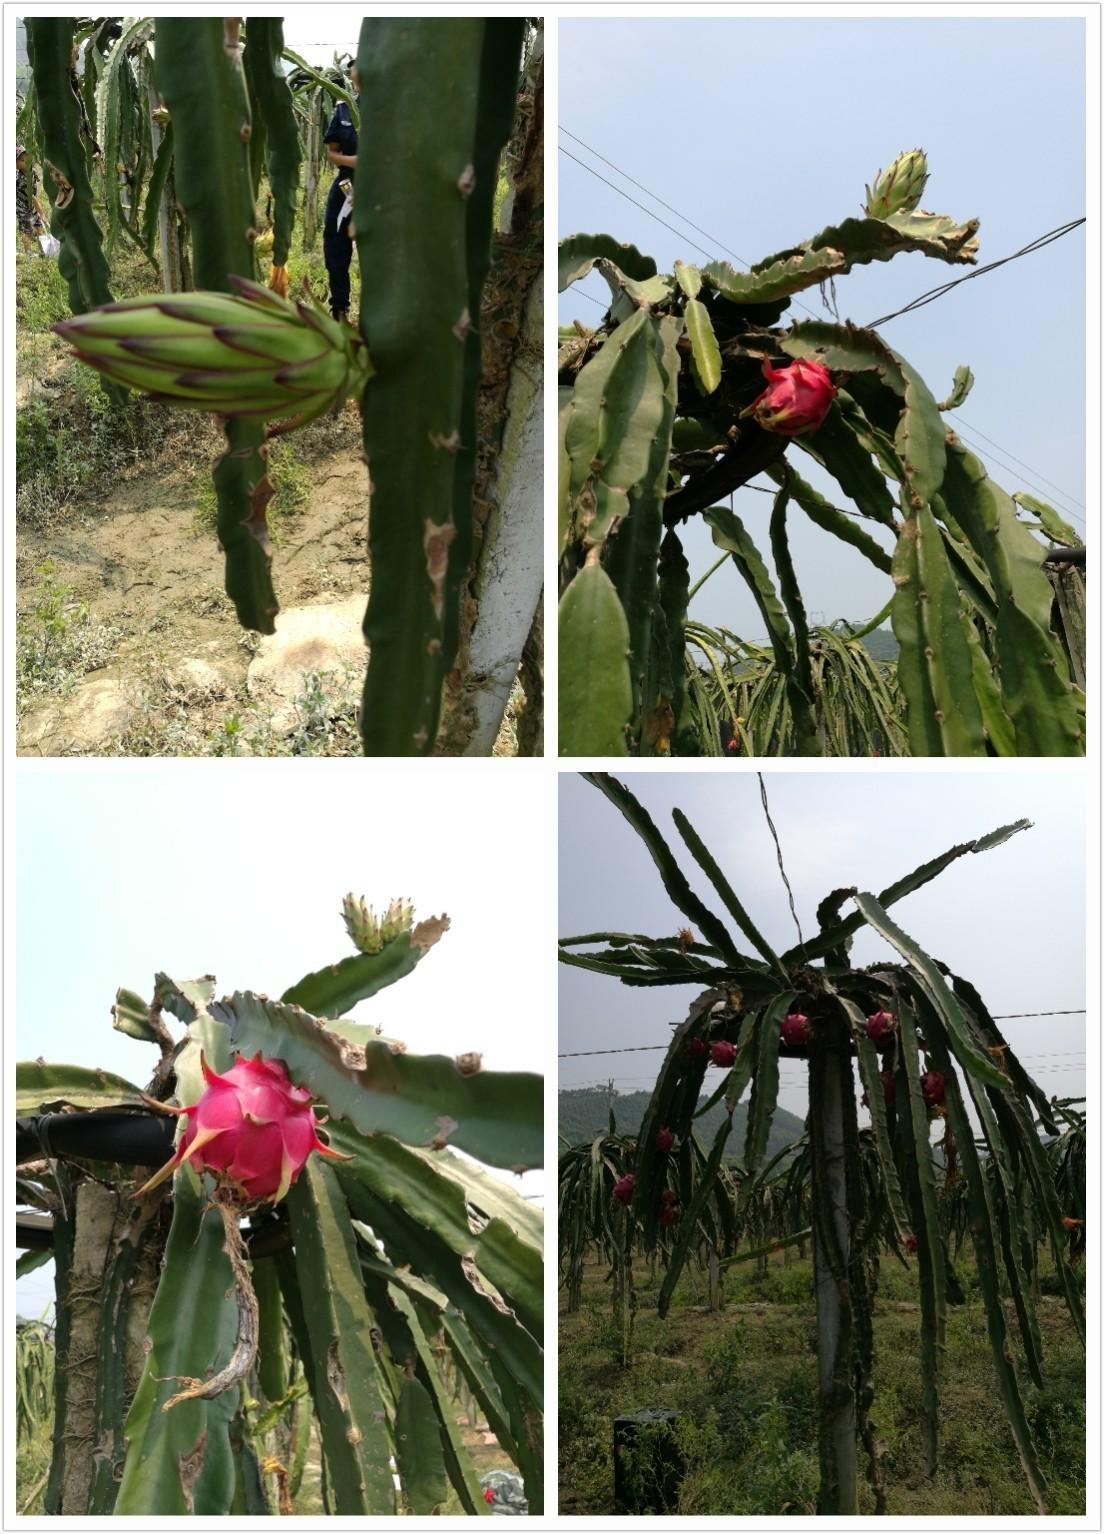 (图:师傅讲解火龙果的生长过程以及如何采摘火龙果)图片